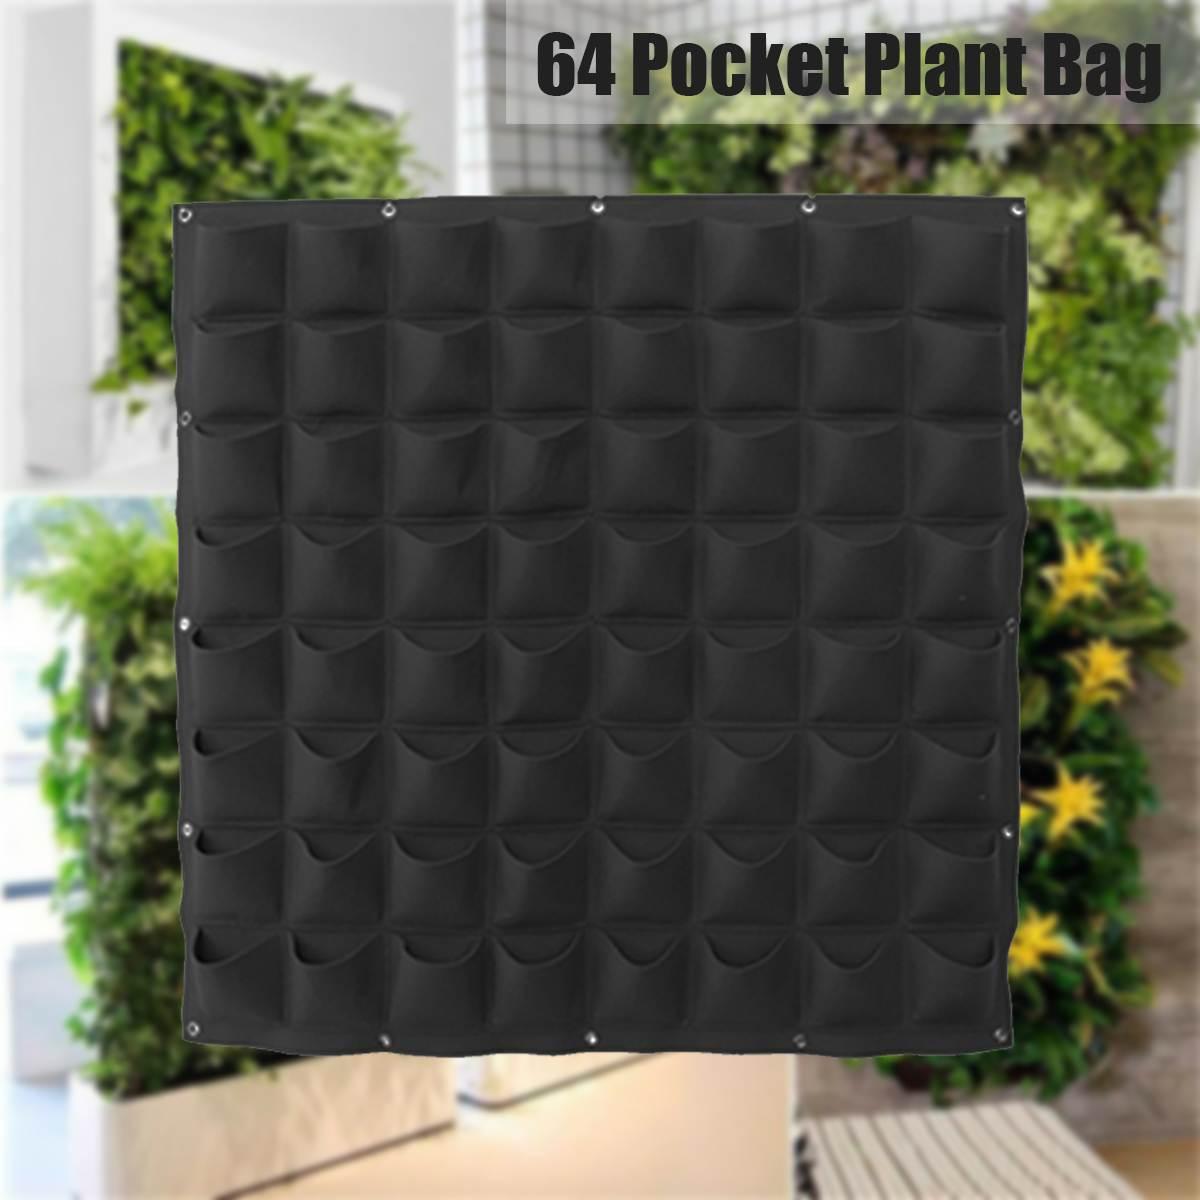 64 poches jardin cultiver sac Vertical planteur mural PE jardinage fleur suspendus feutre plantation sac intérieur jardin croissant Pot